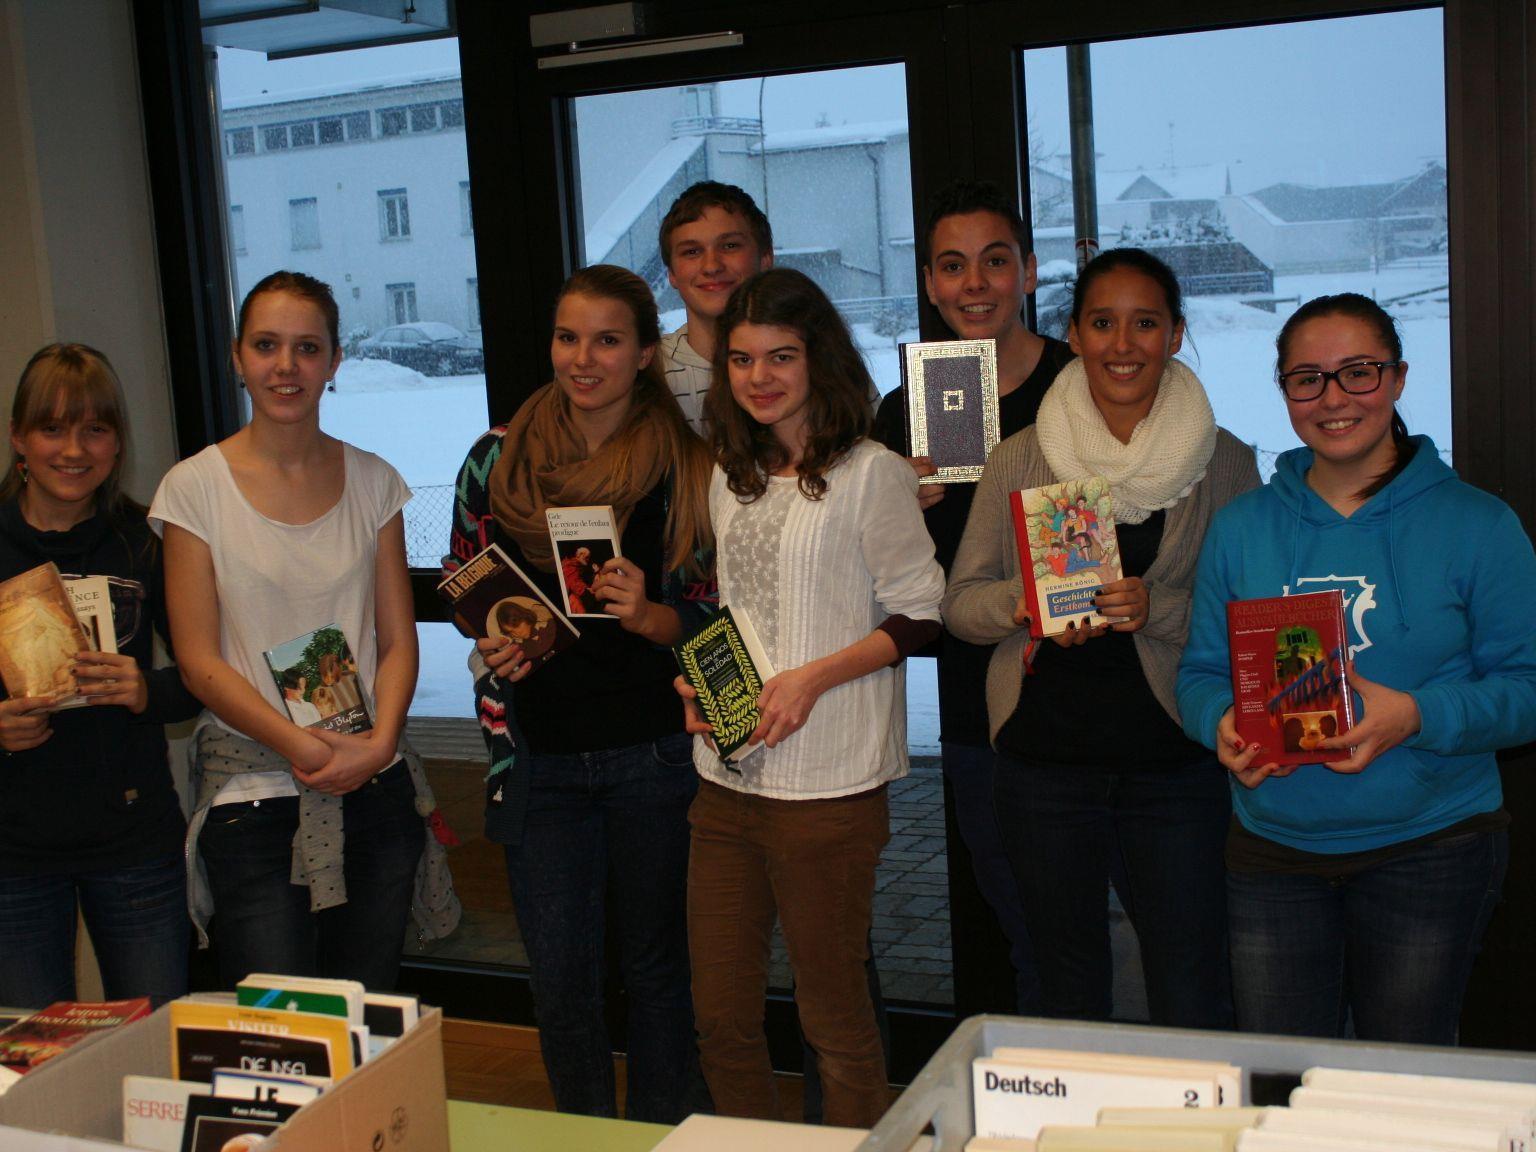 Miriam, Helene, Rosalie, Gabriel, Julia, Lukas, Sofia und Tugwa unterstützten Straßenkinder in Lateinamerika